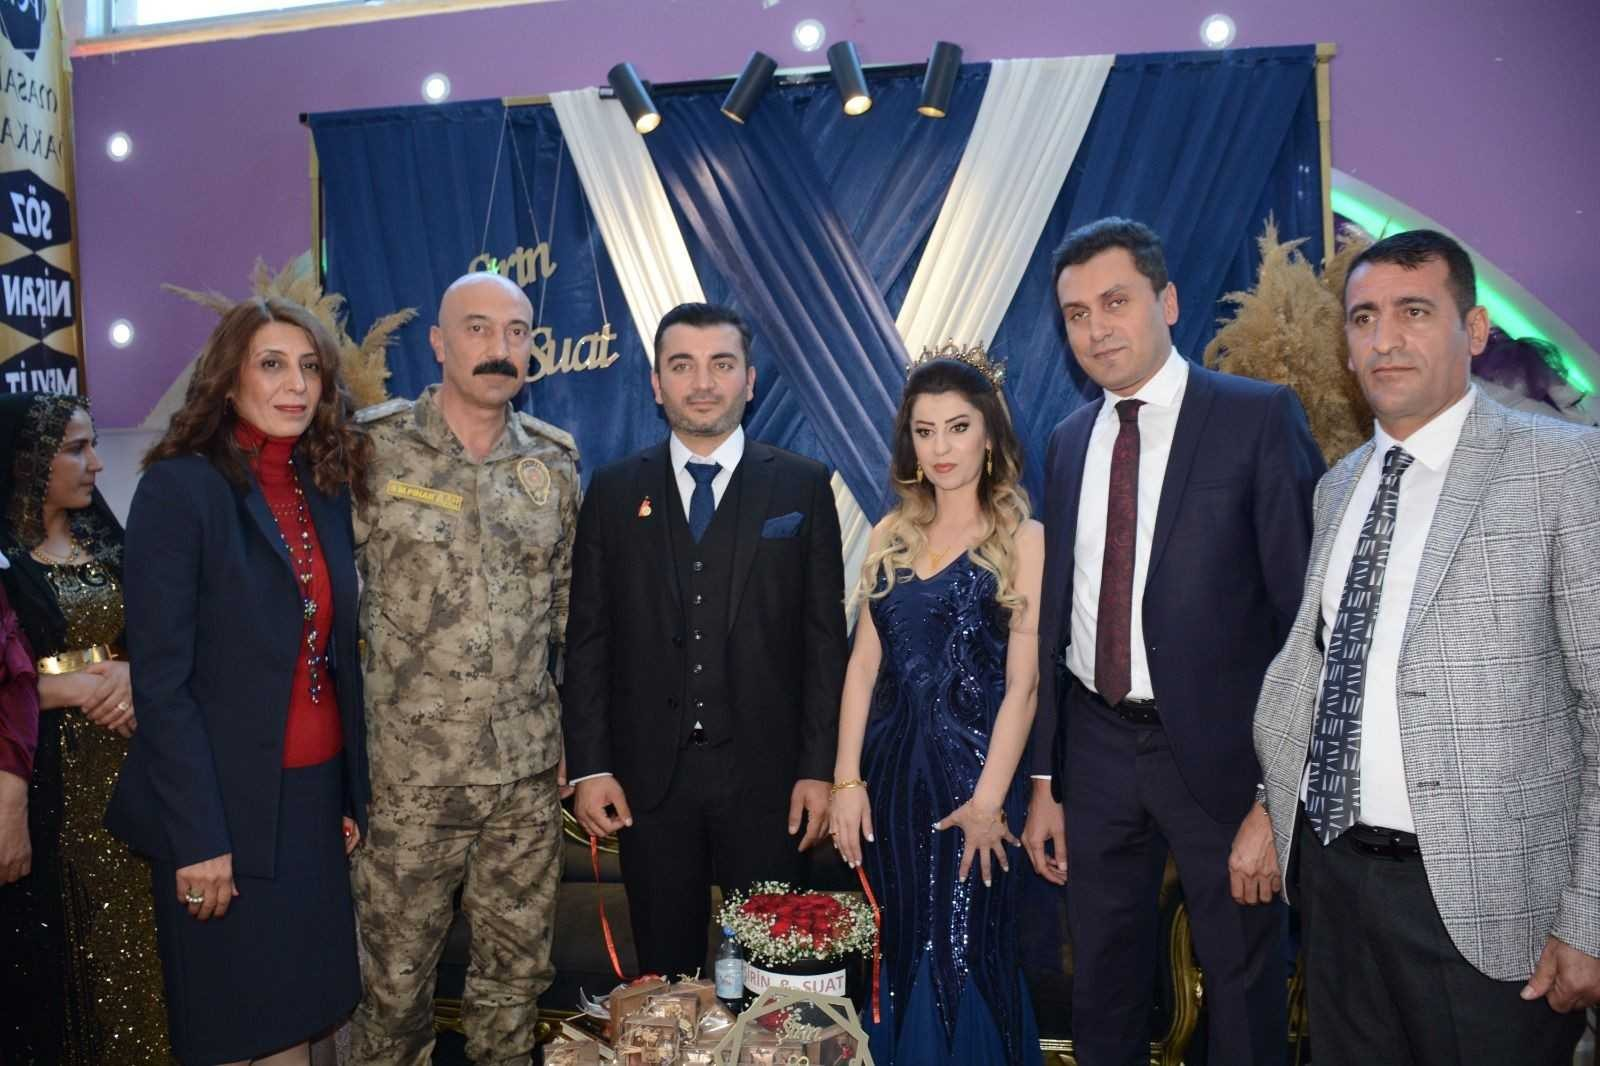 Şehit kızı Adıyaman'a görkemli nişan töreni #hakkari